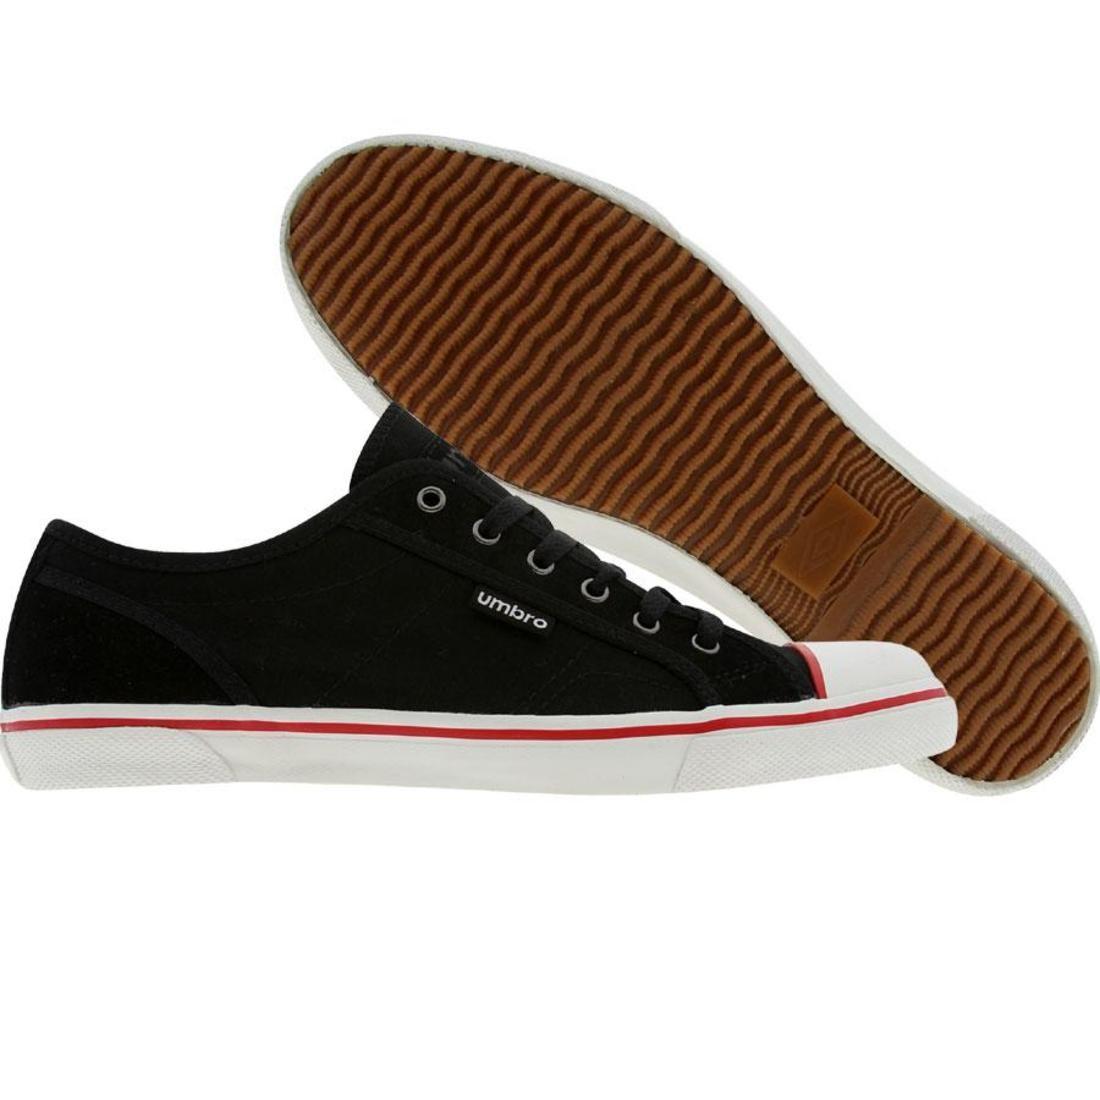 【海外限定】白 ホワイト スニーカー メンズ靴 【 WHITE UMBRO RIDER CANVAS A BLACK RED 】